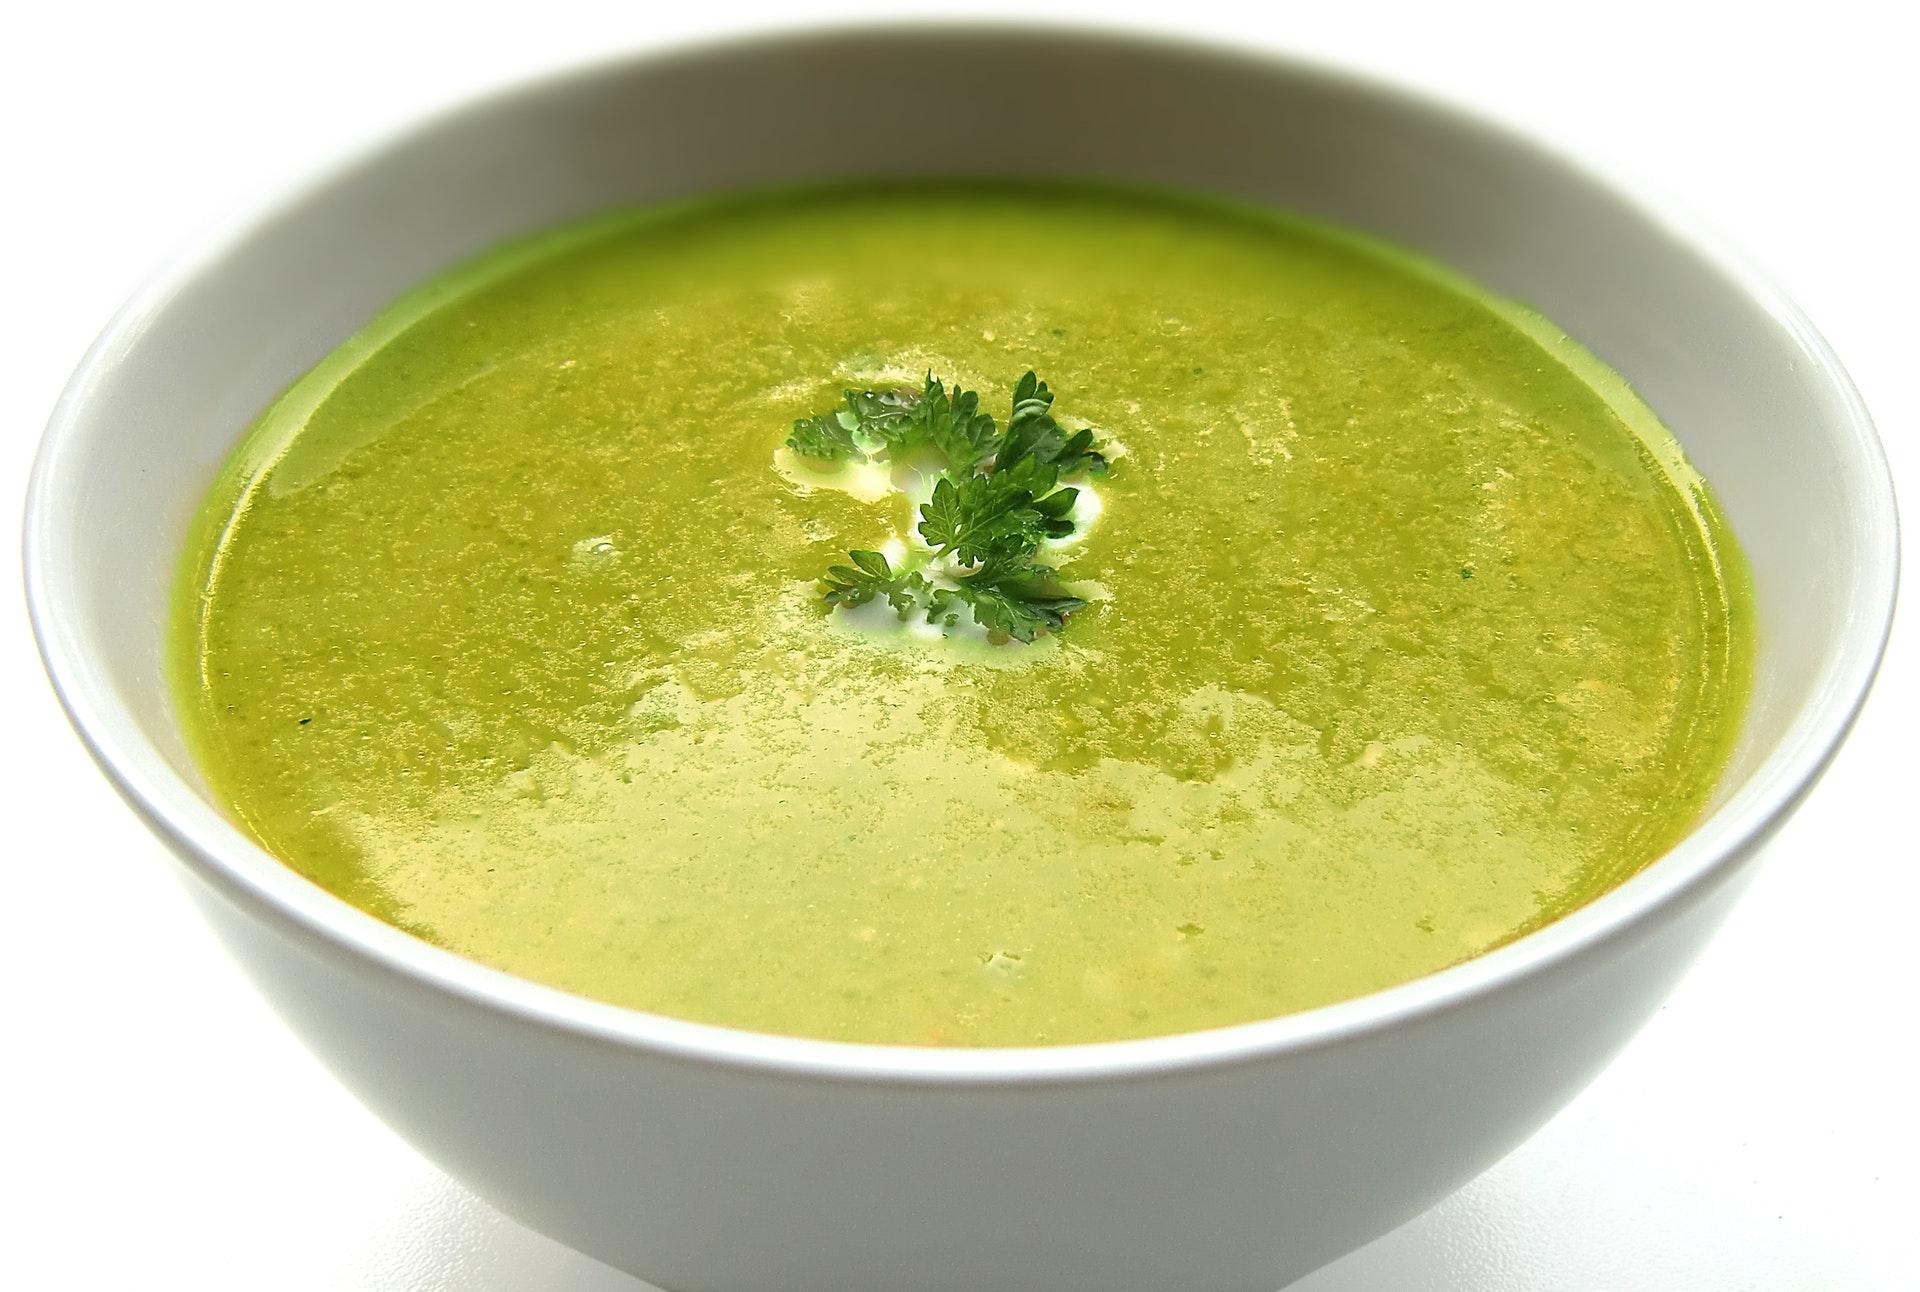 urzici cu usturoi - sfatulparintilor.ro - pixabay-com - soup-cream-soup-bowl-40814